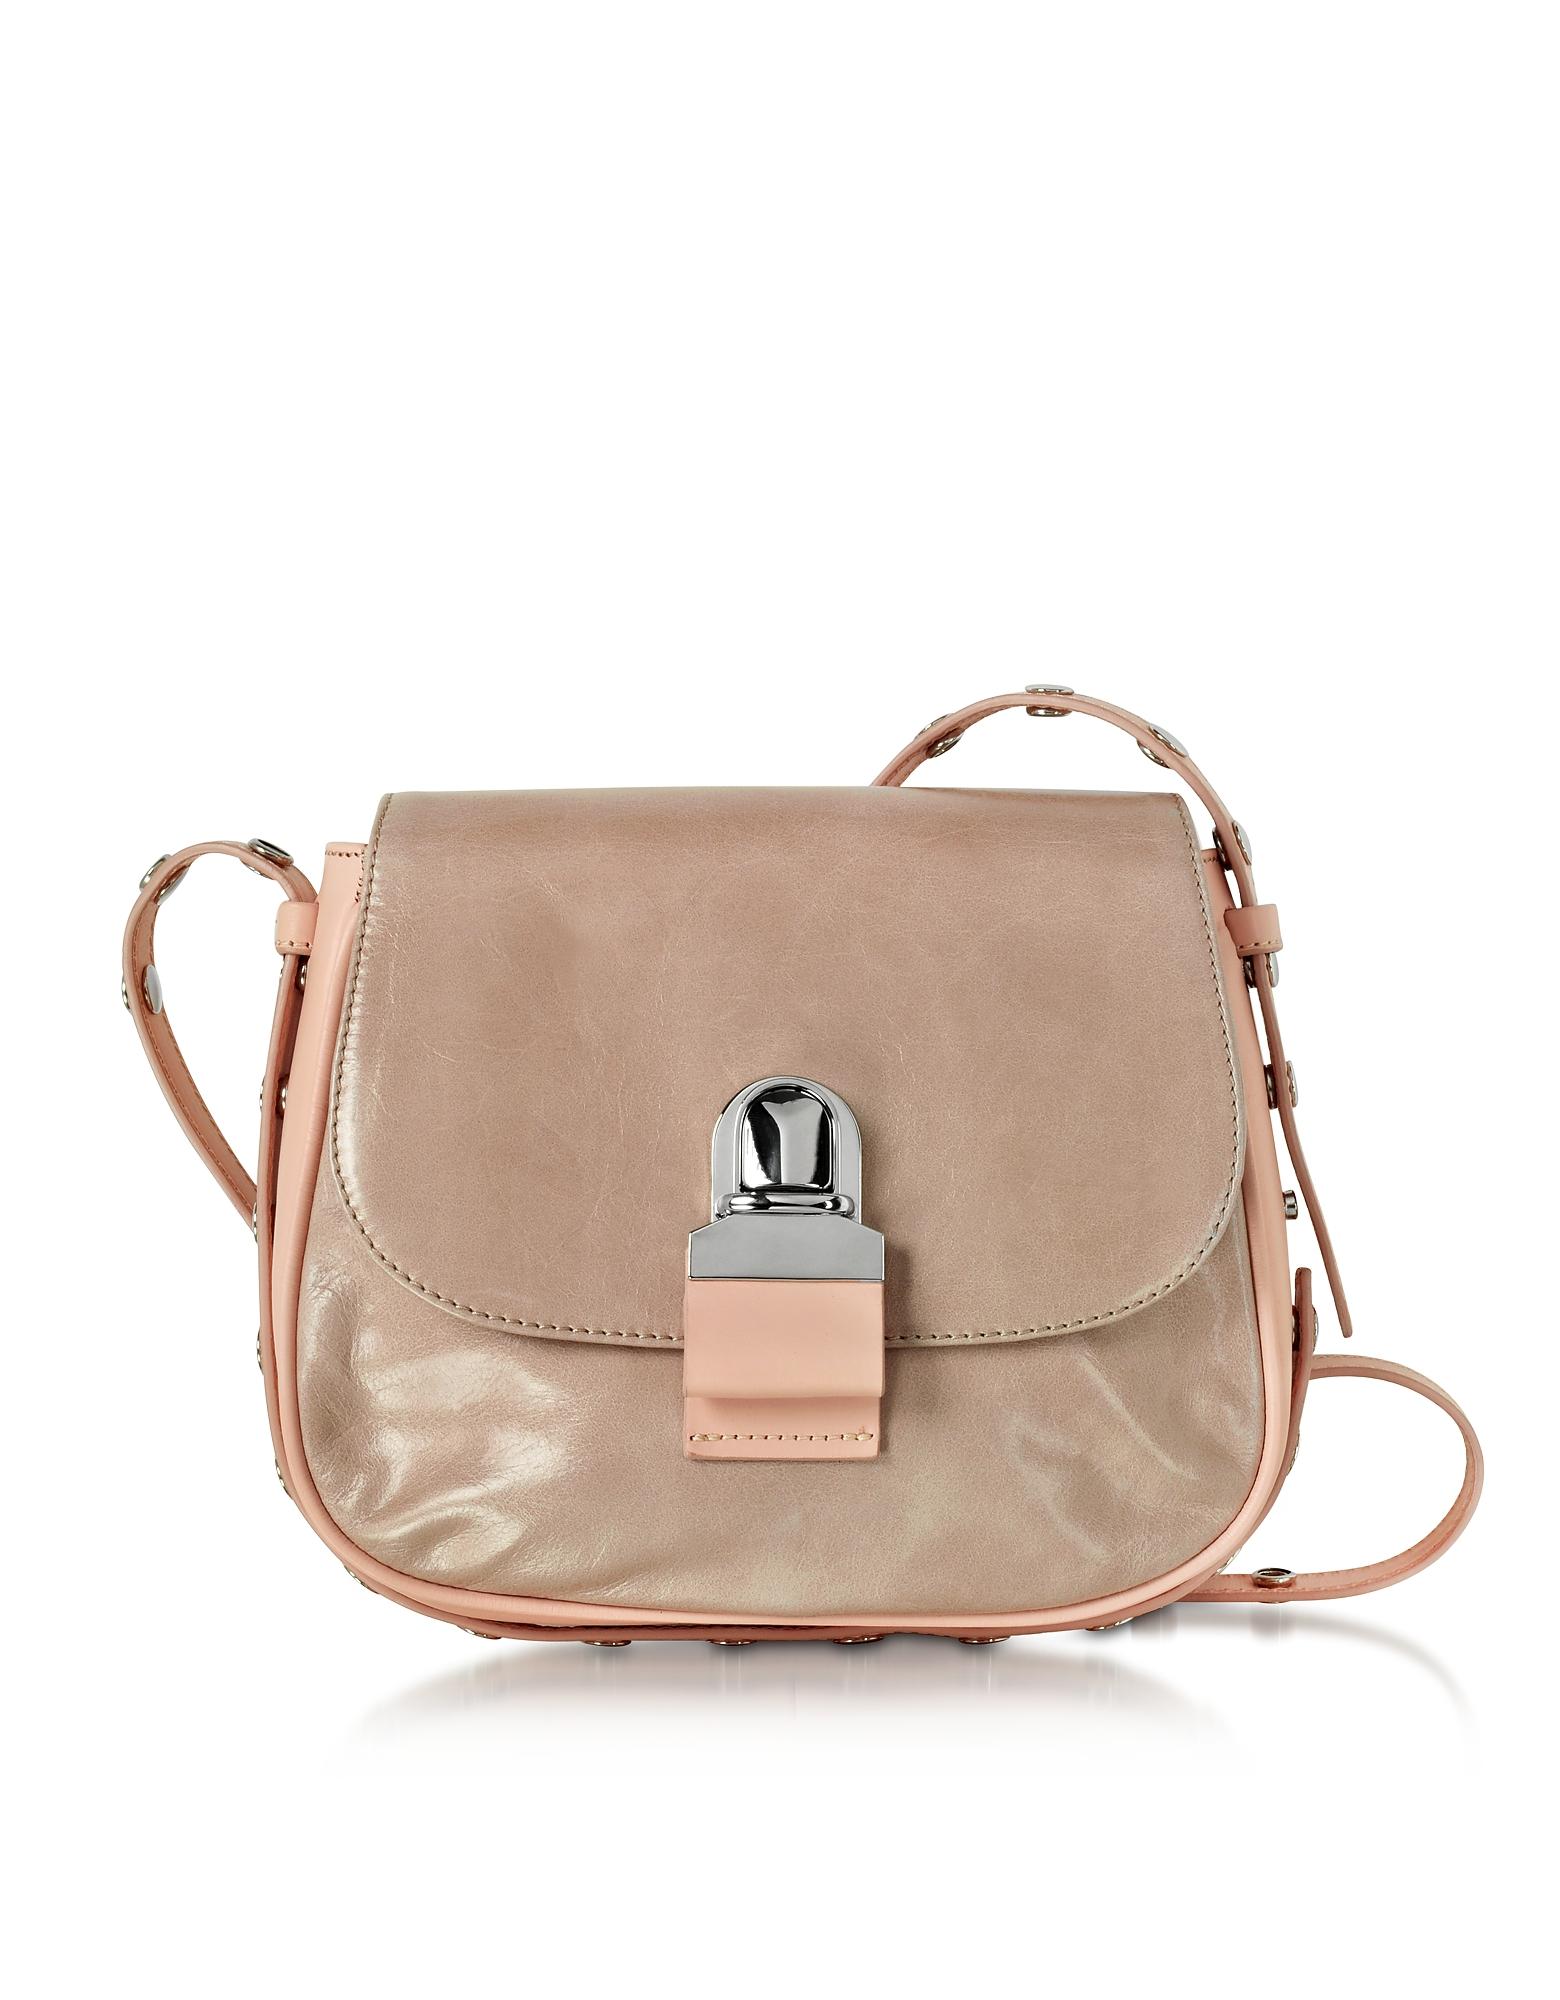 MM6 Maison Martin Margiela Handbags, Pink Cracked Leather Shoulder Bag